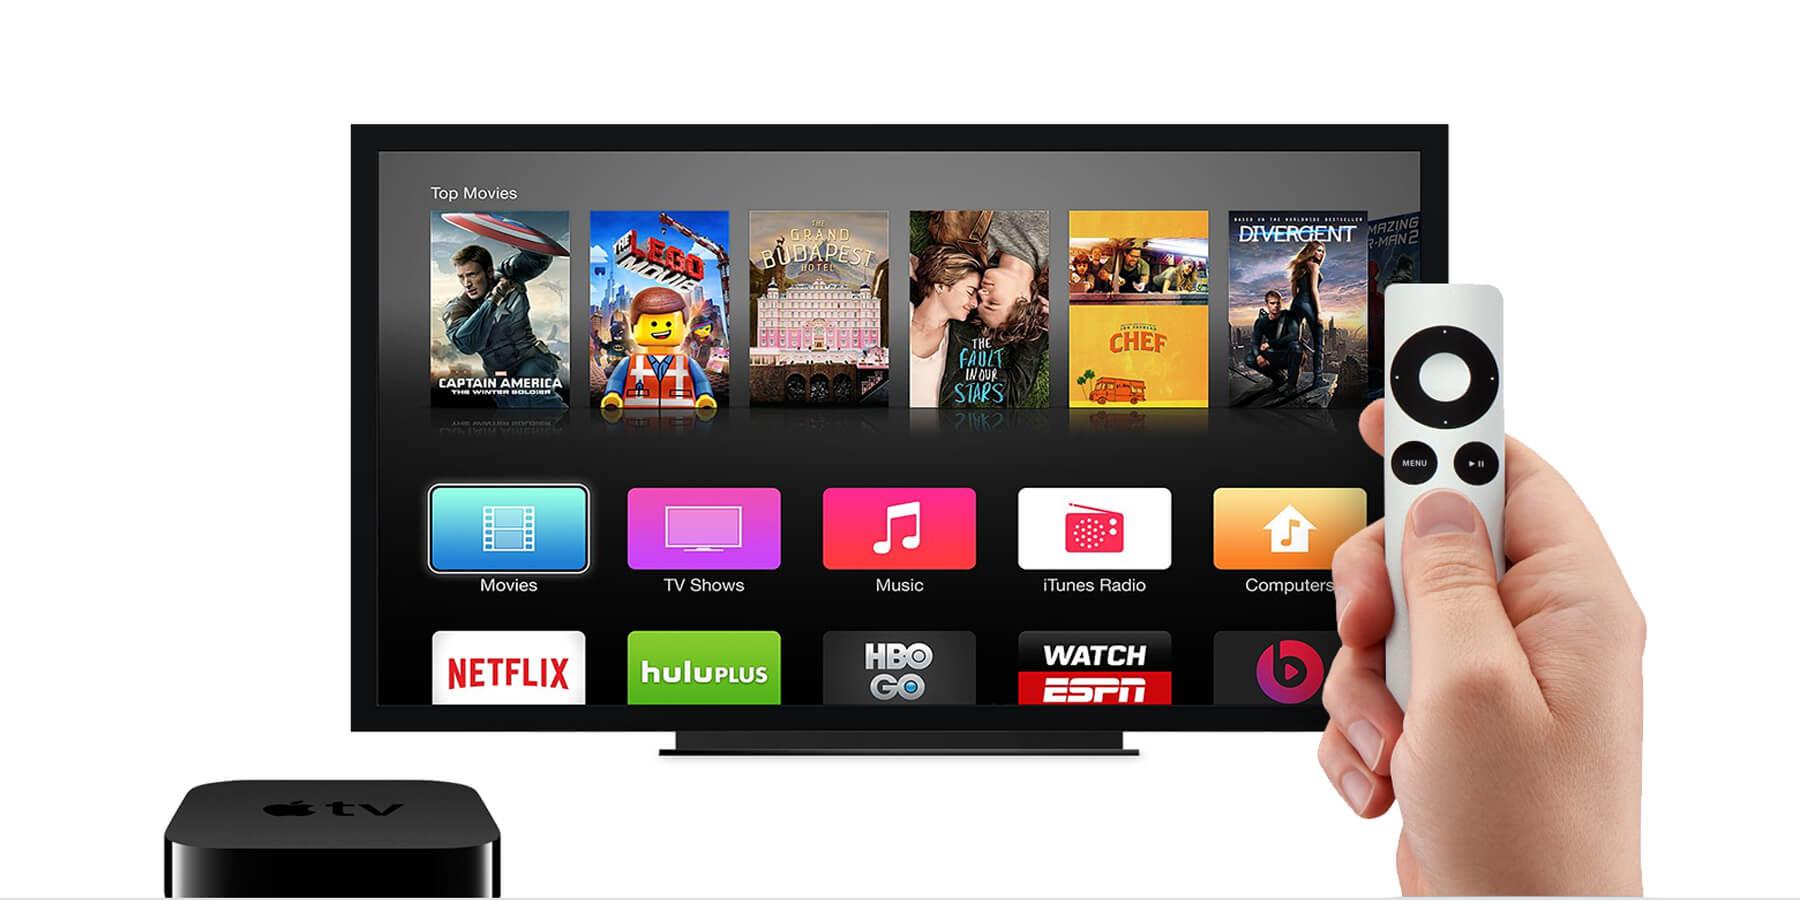 Apple TV Nasıl Kullanılır Apple TV Apple TV Nedir? Nasıl Kullanılır? Apple tv nasil kullanilir